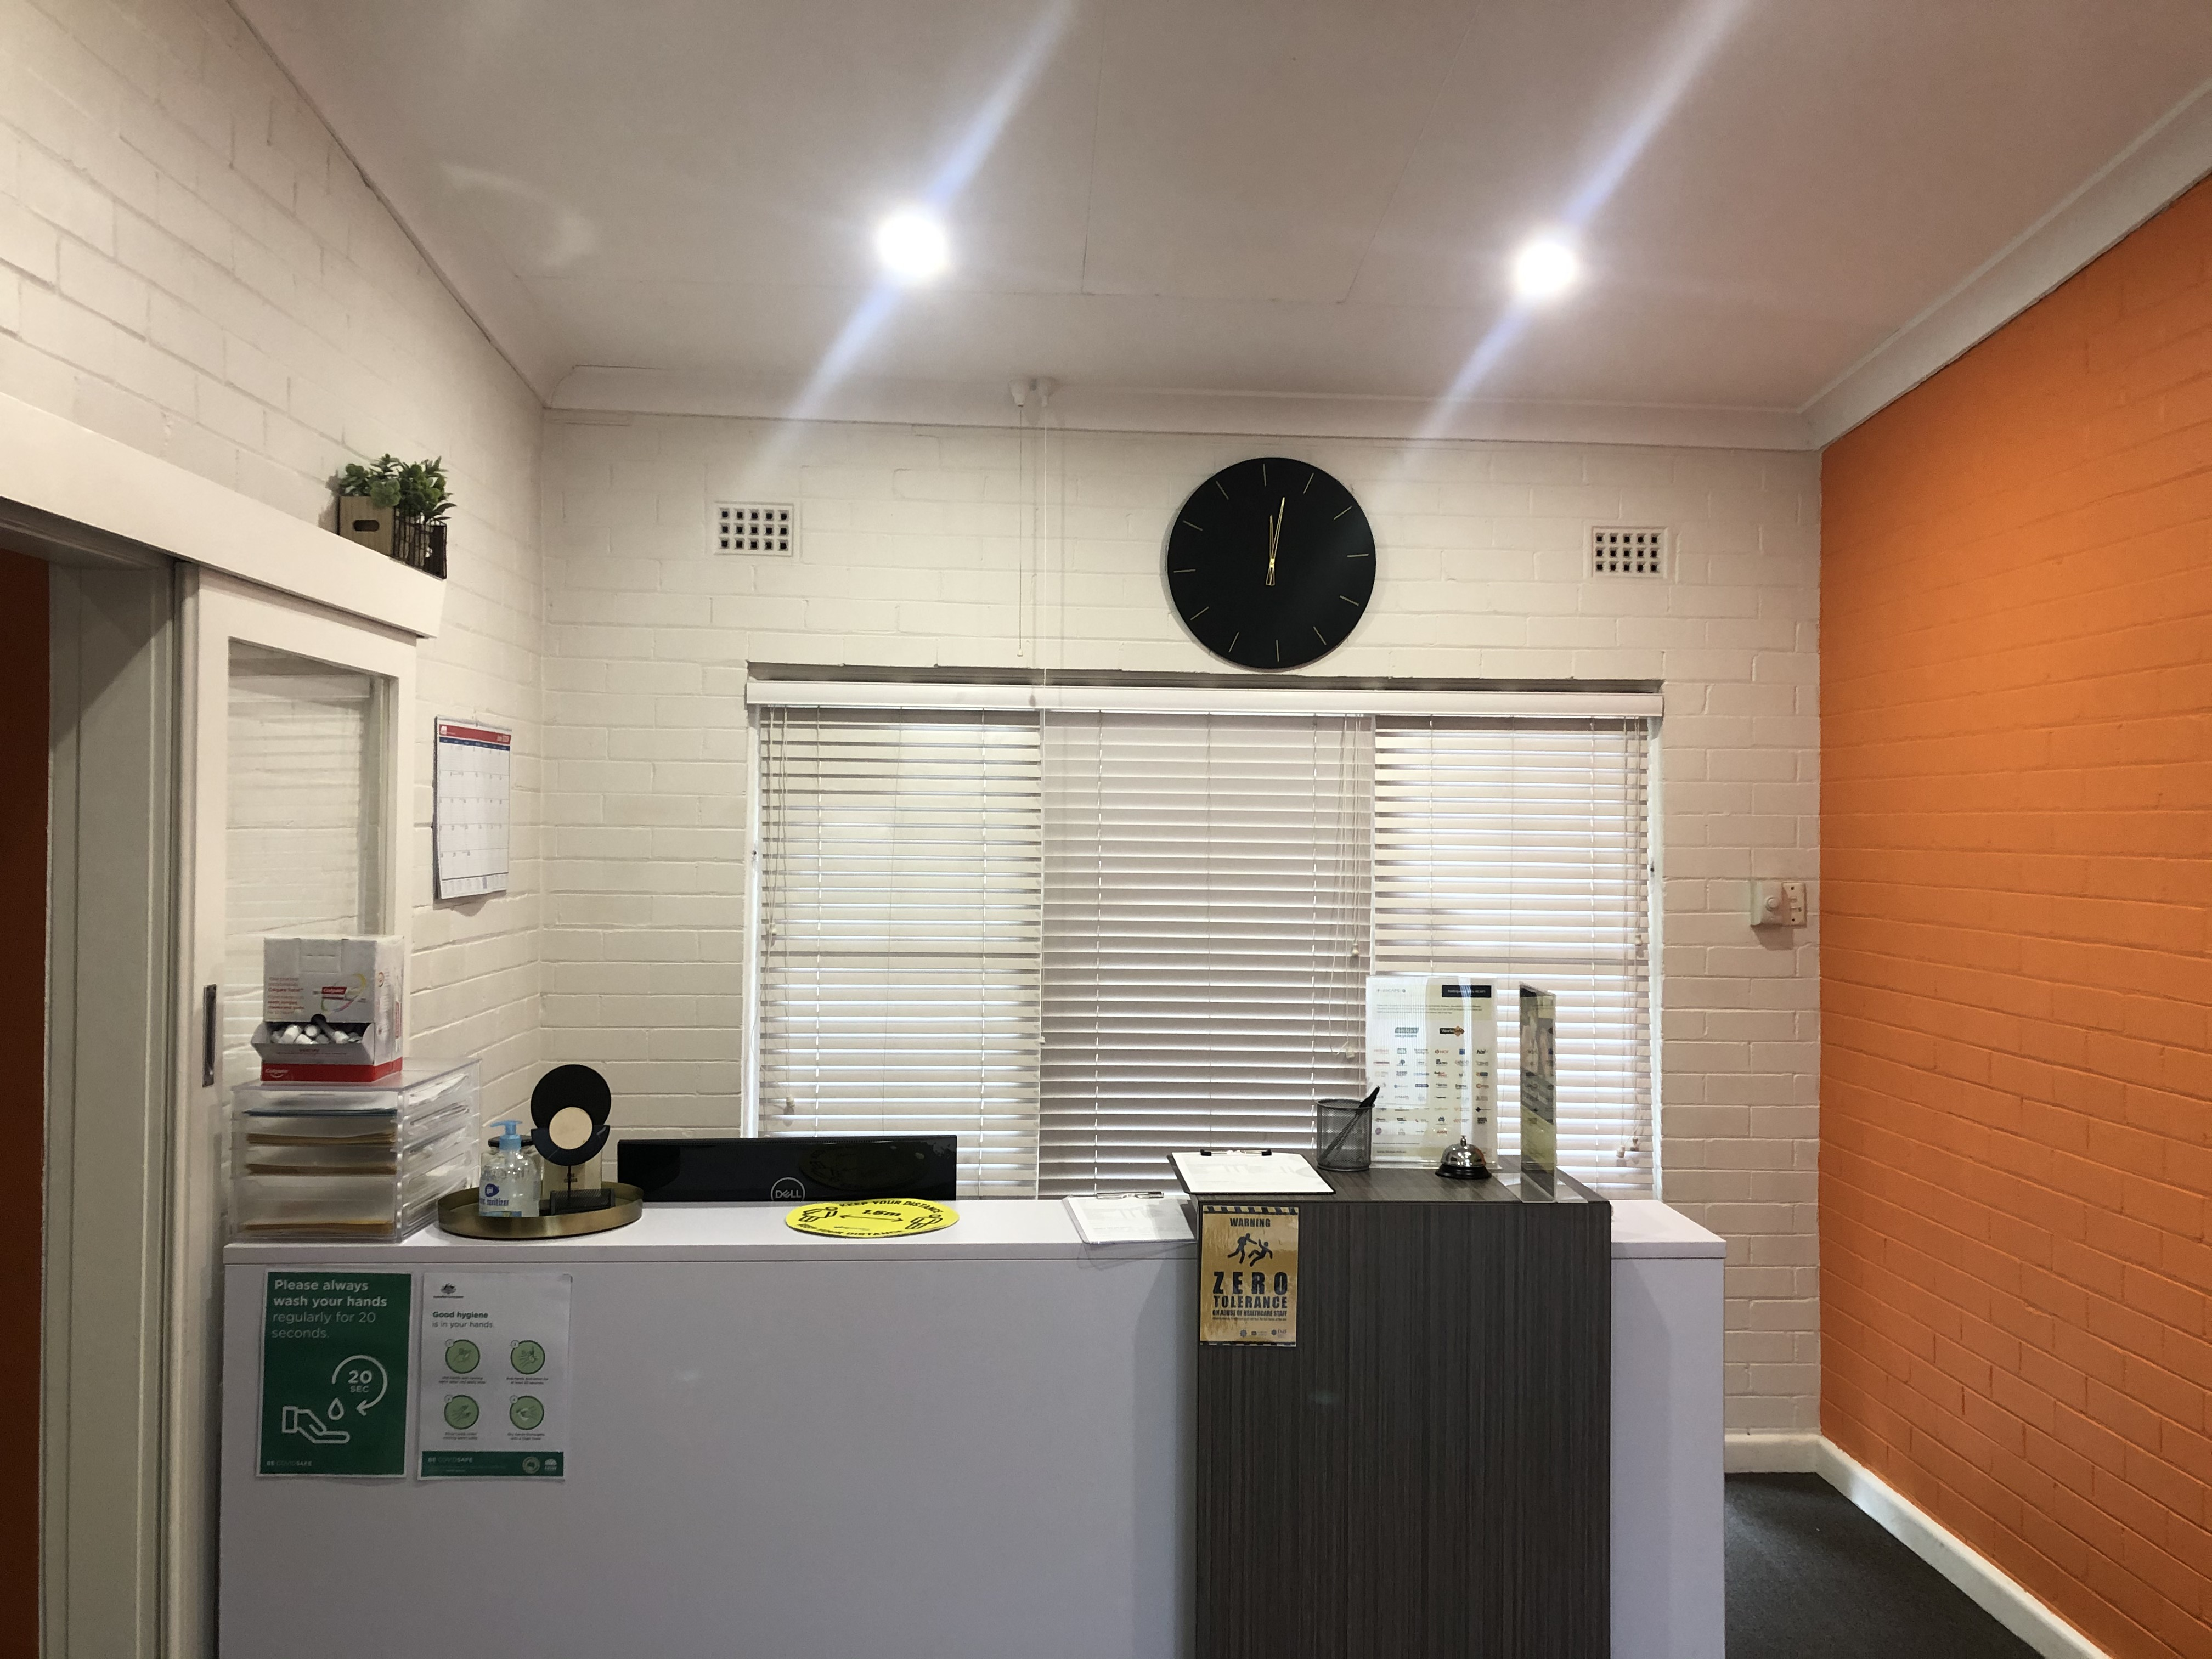 247 Emergency Dentist Sydney